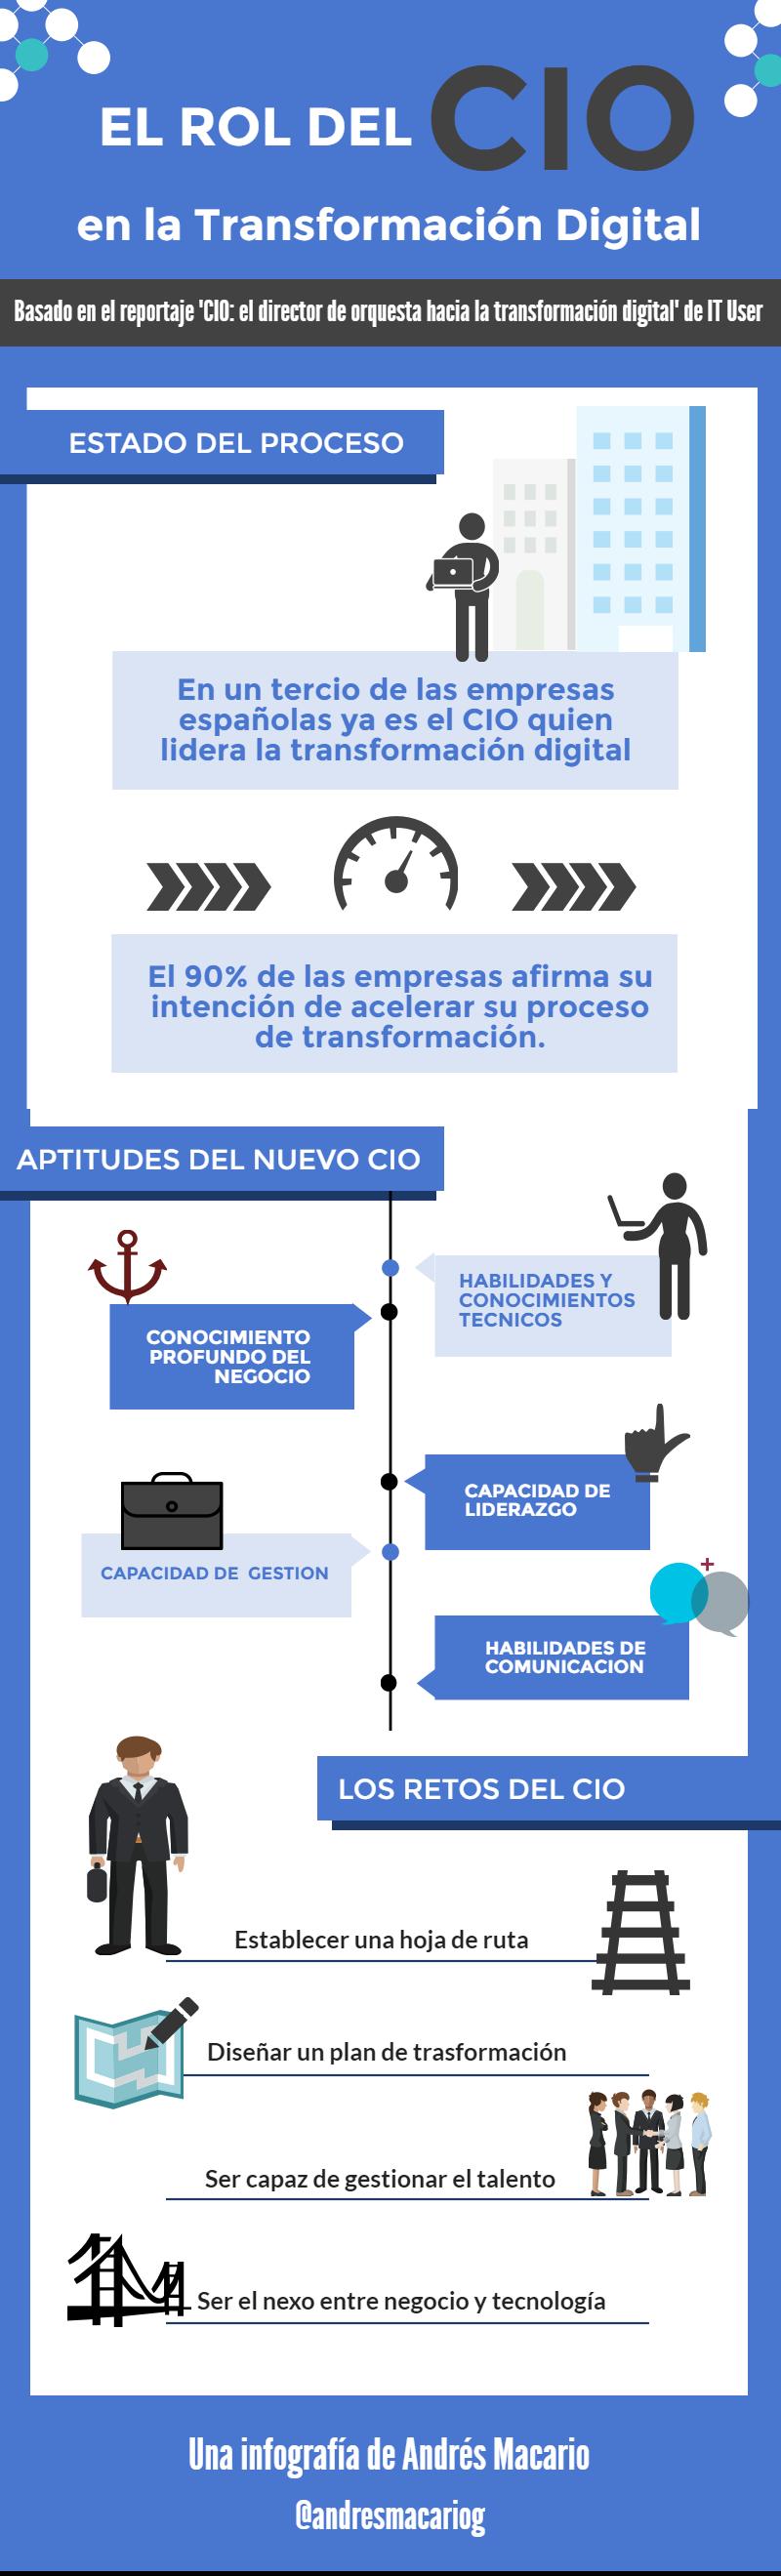 El rol del CIO en la Transformacion Digital - Infografia Andres Macario